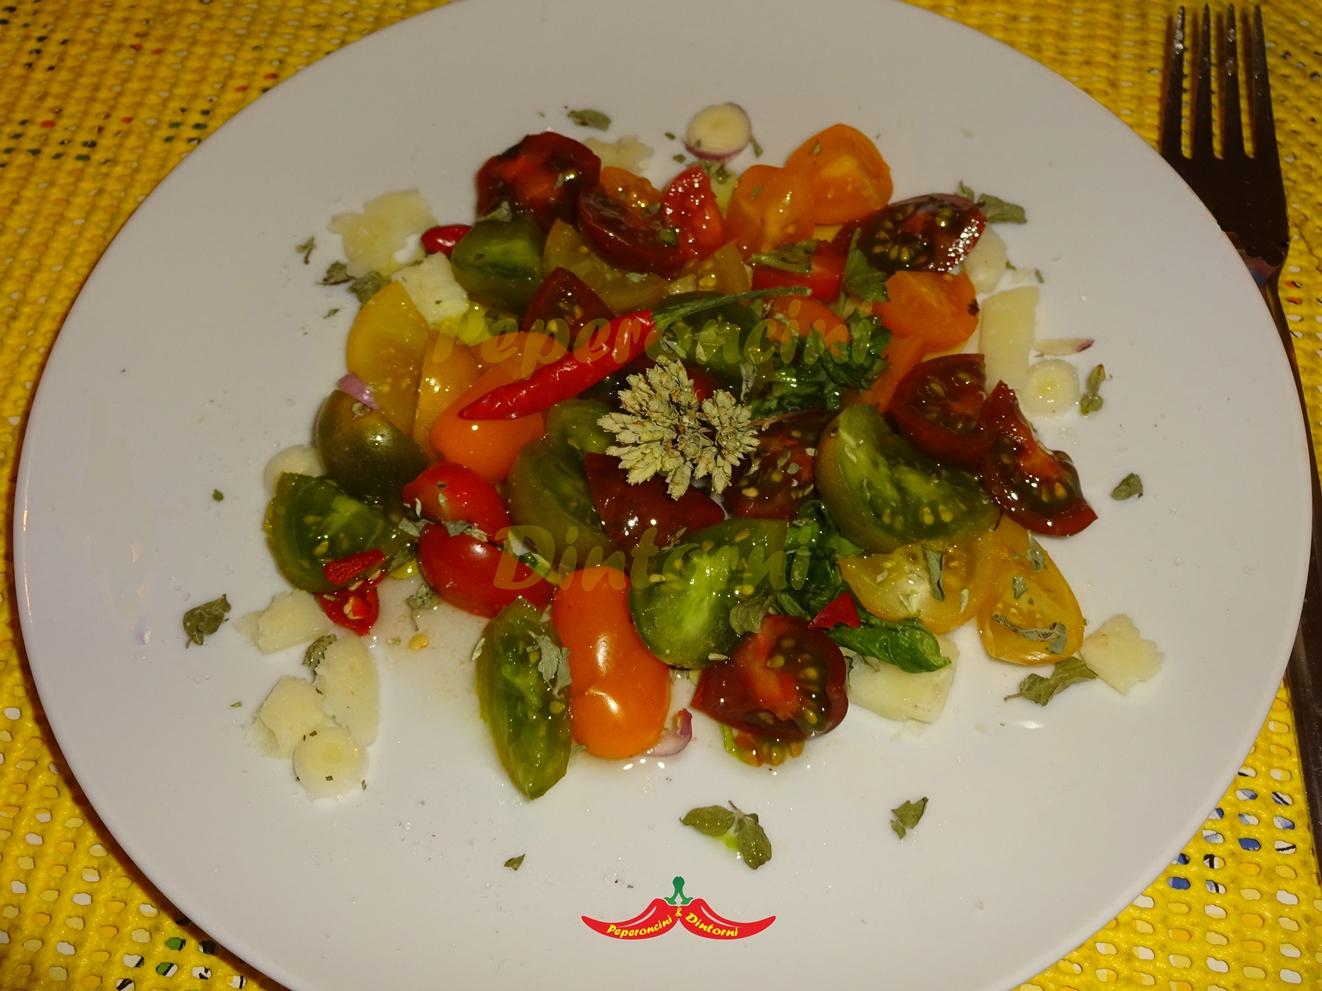 Insalata di pomodori multicolori e scaglie di Parmigiano